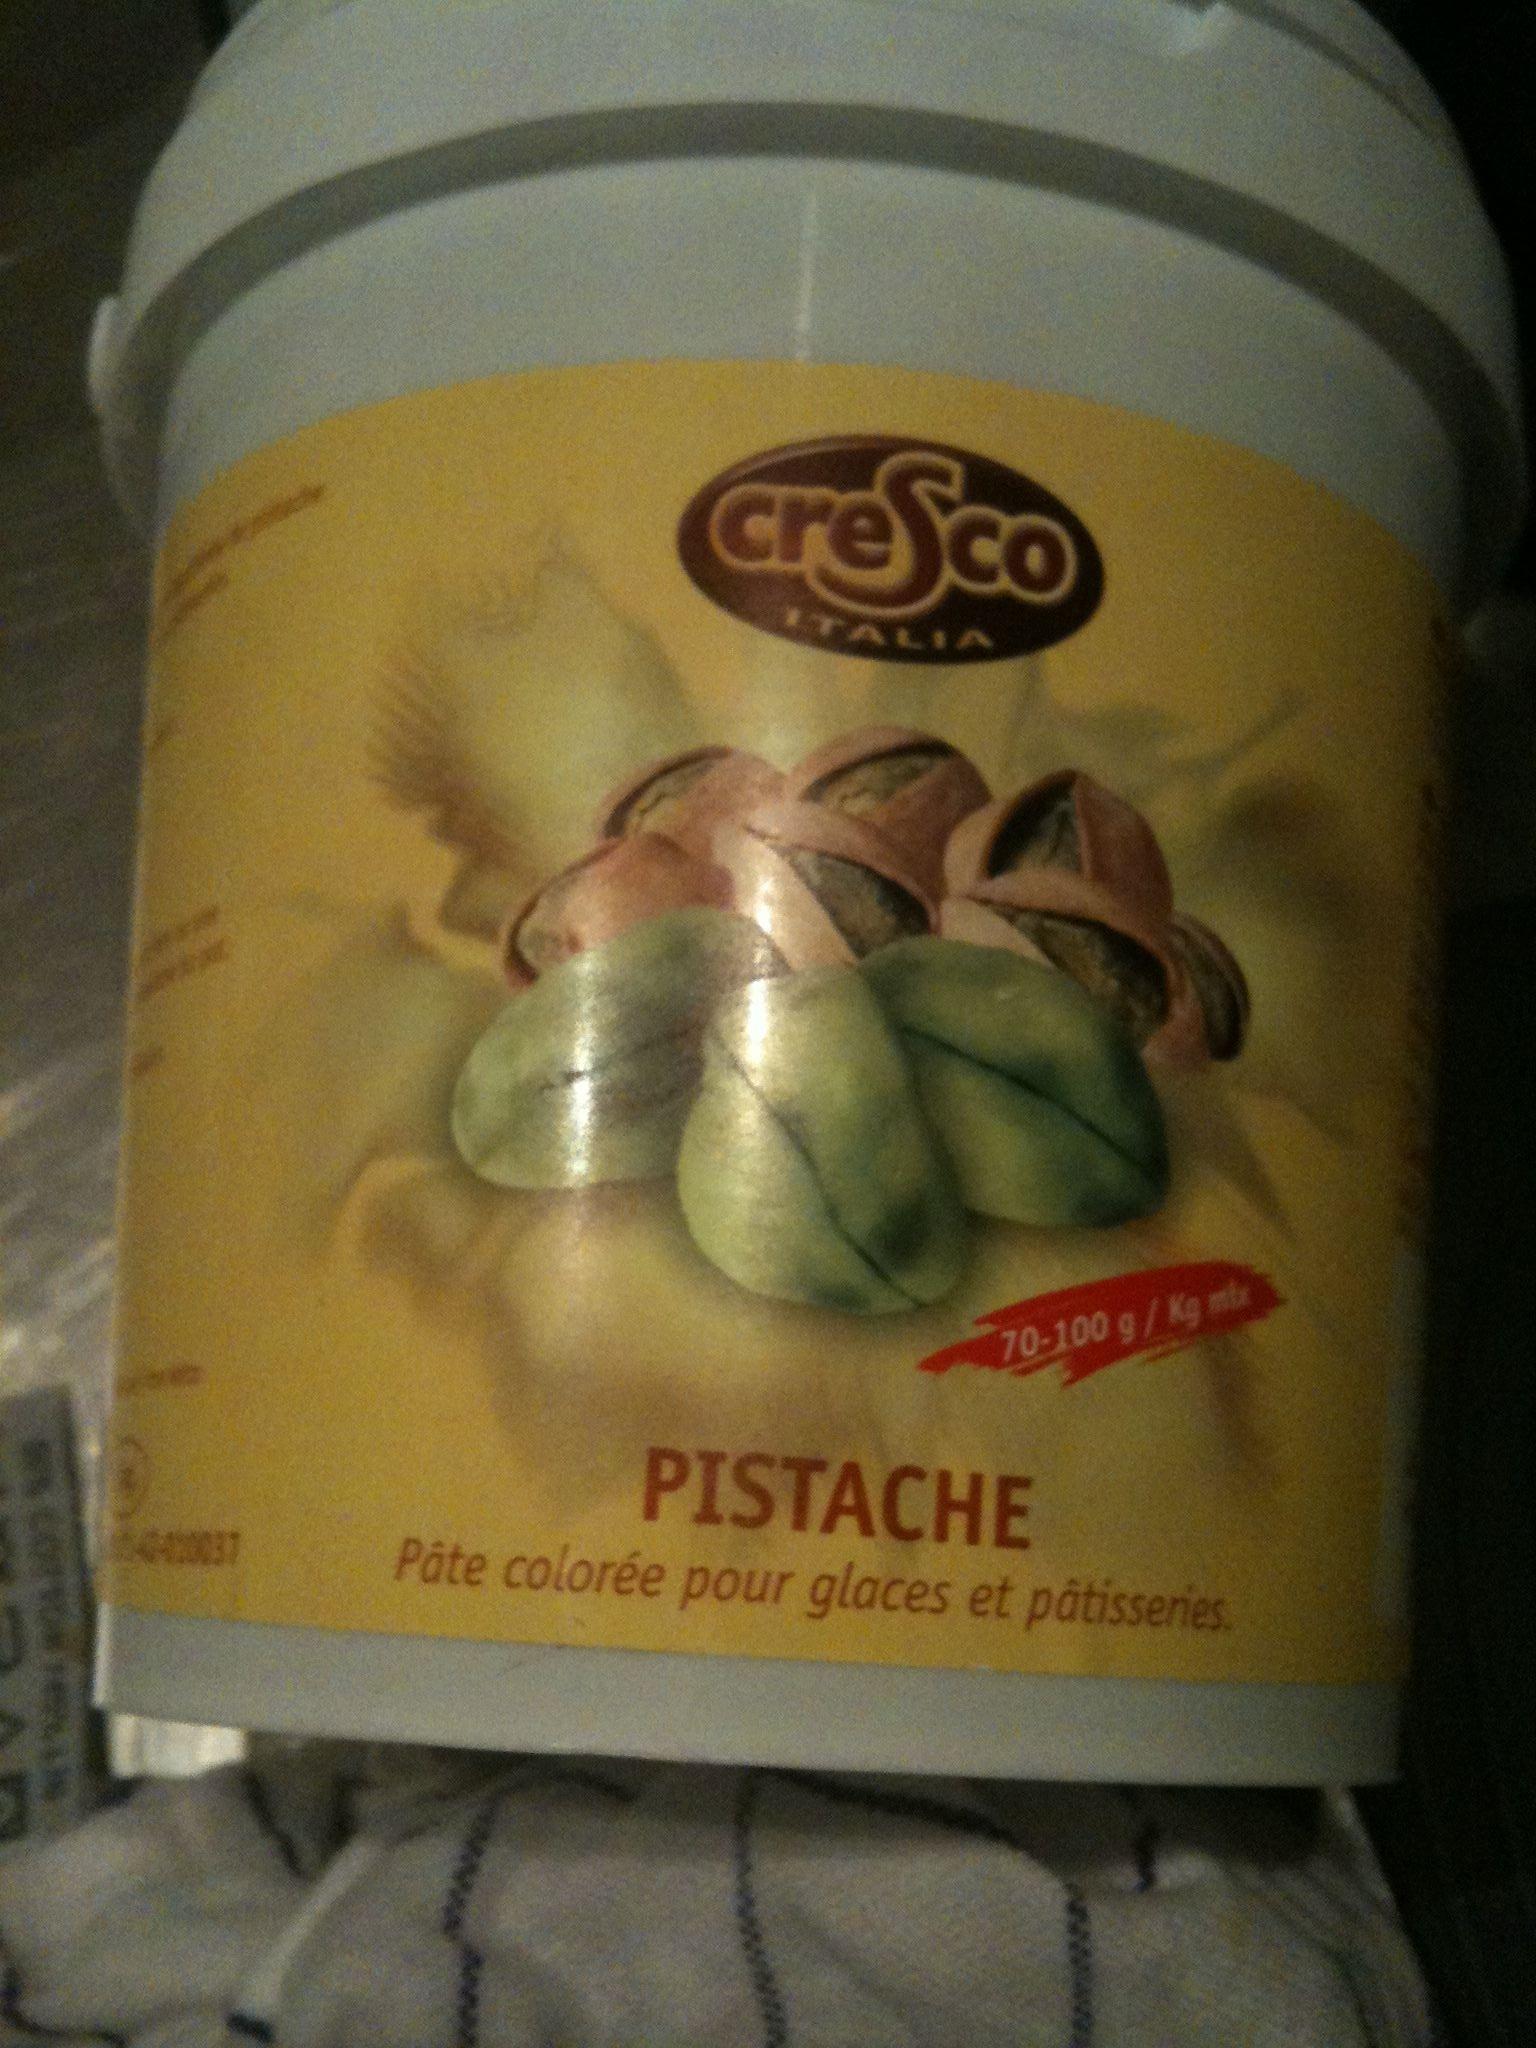 Pistache , pâte aromatique colorée pour glaces et pâtisseries - Produit - fr